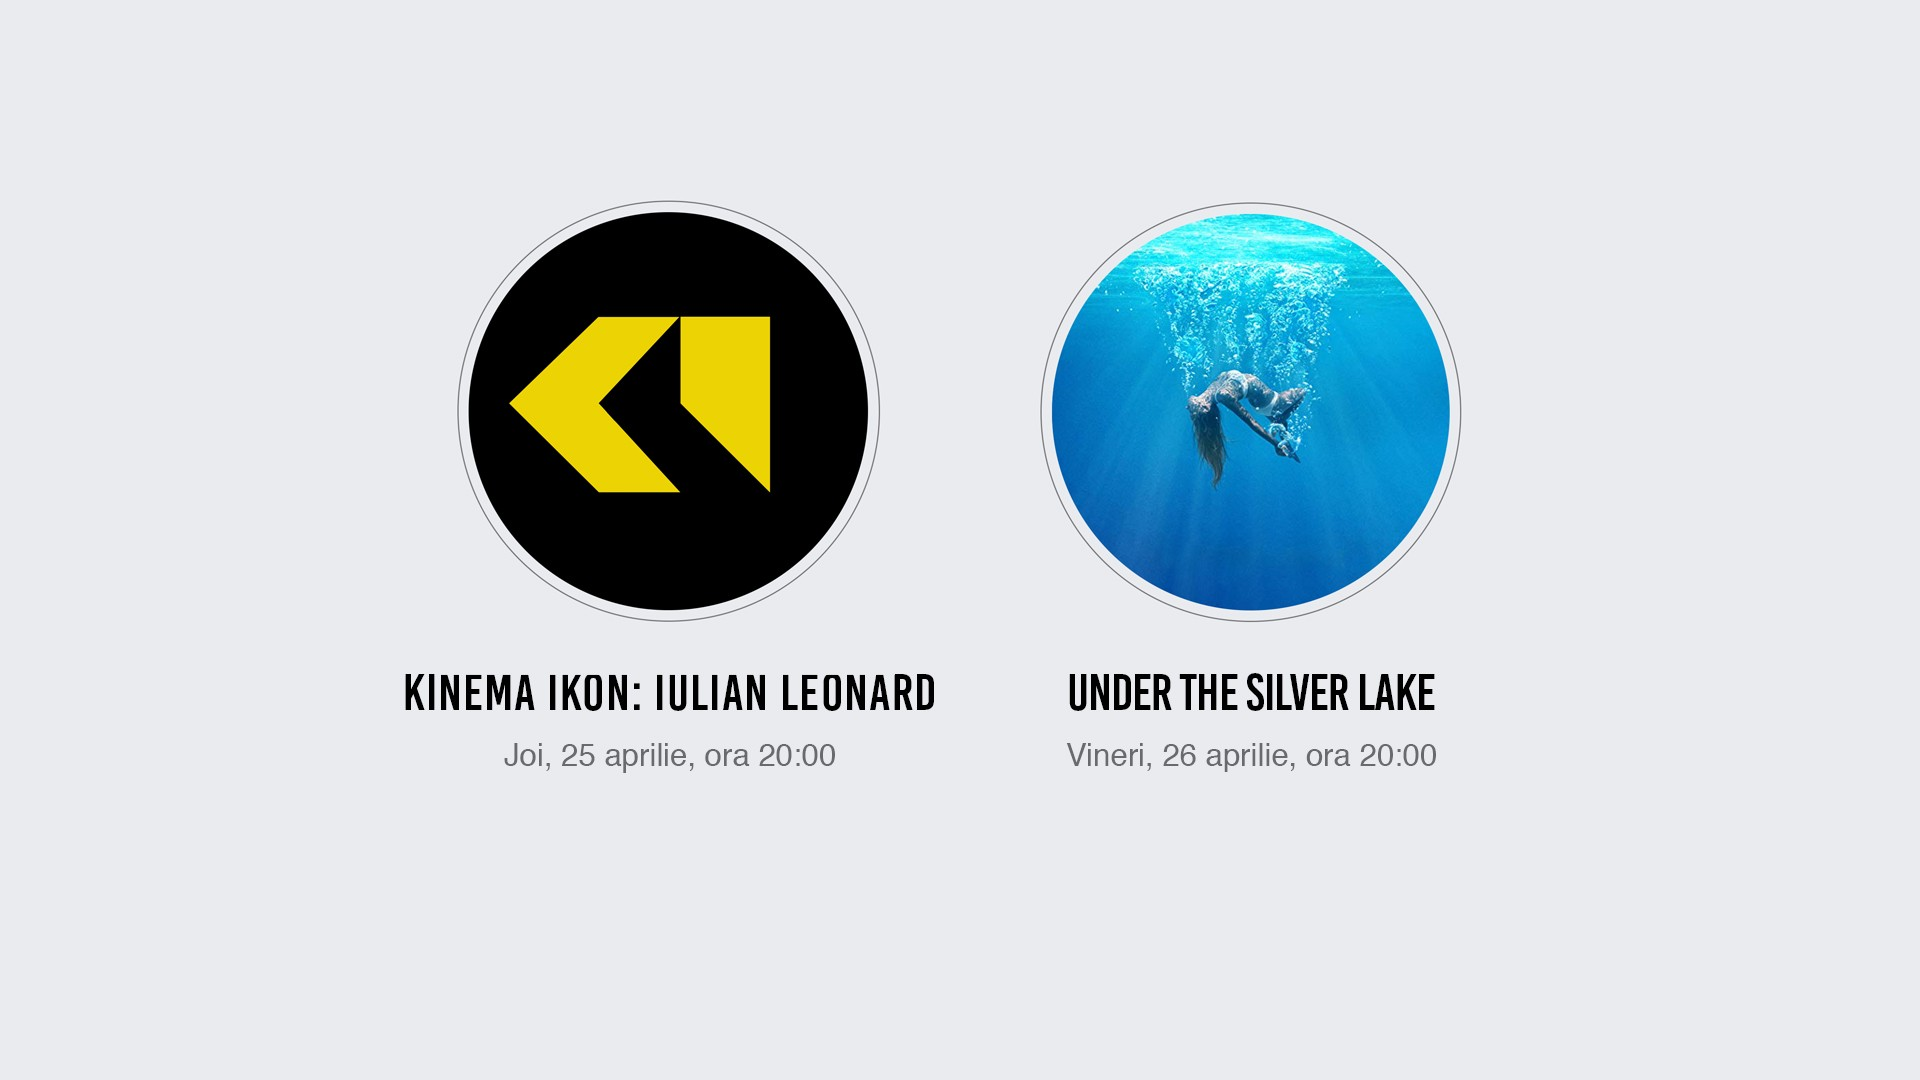 Filme experimentale și o premieră la cinema Arta